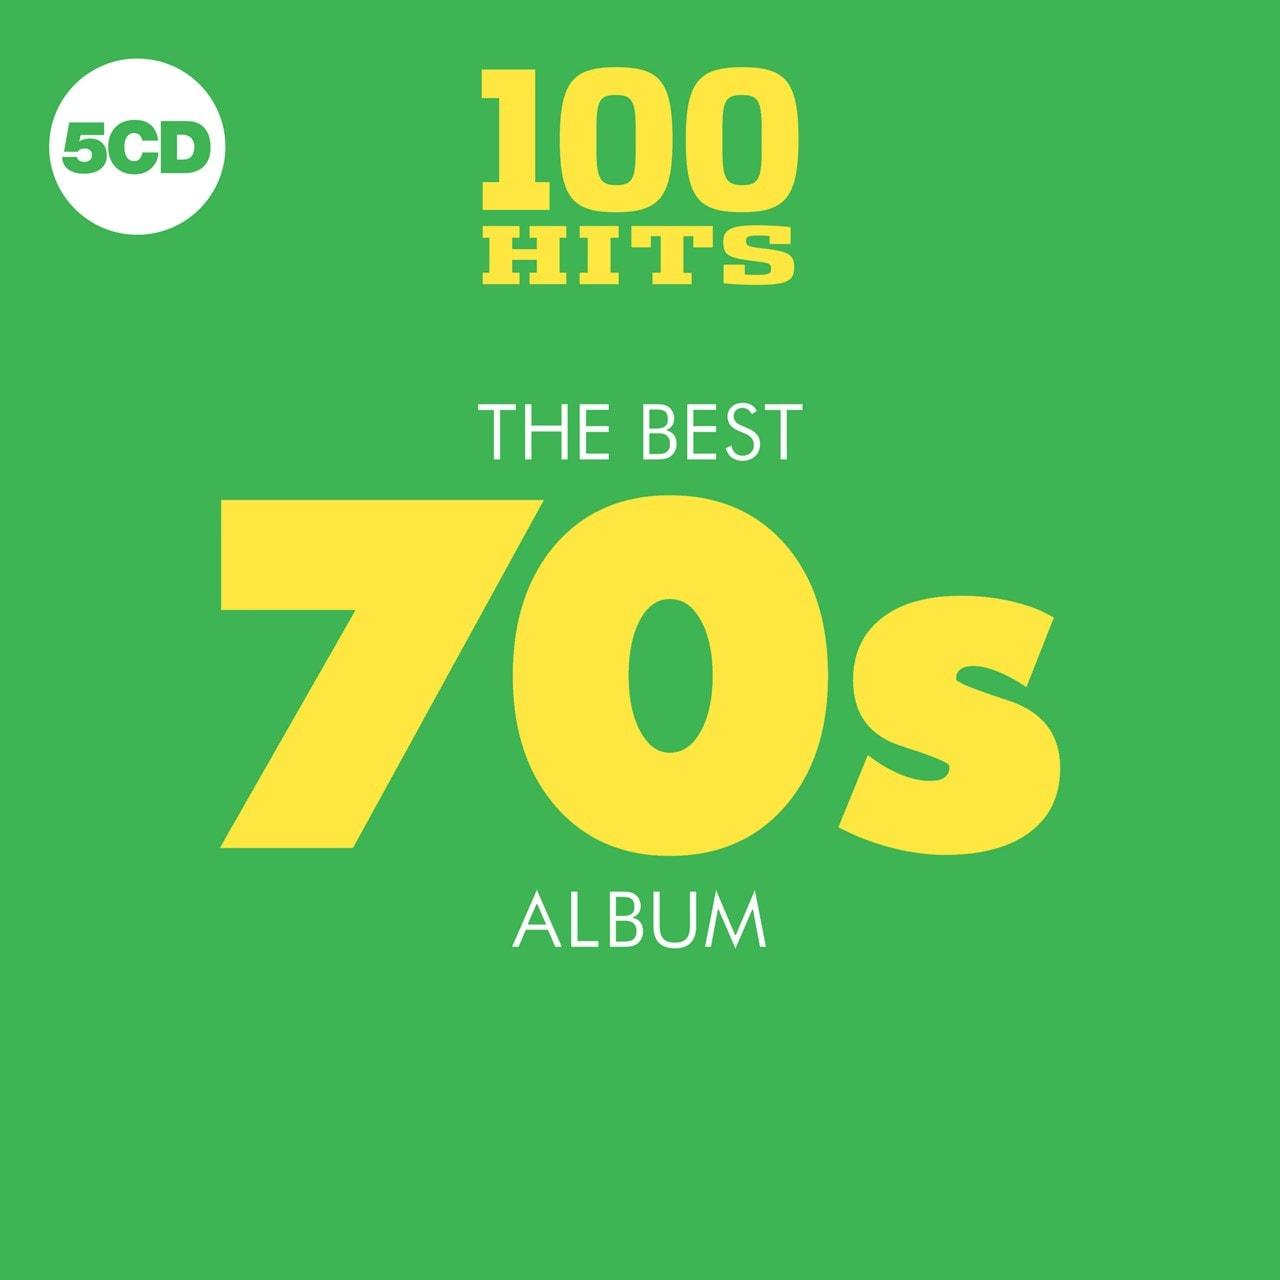 100 Hits: The Best 70s Album - 1